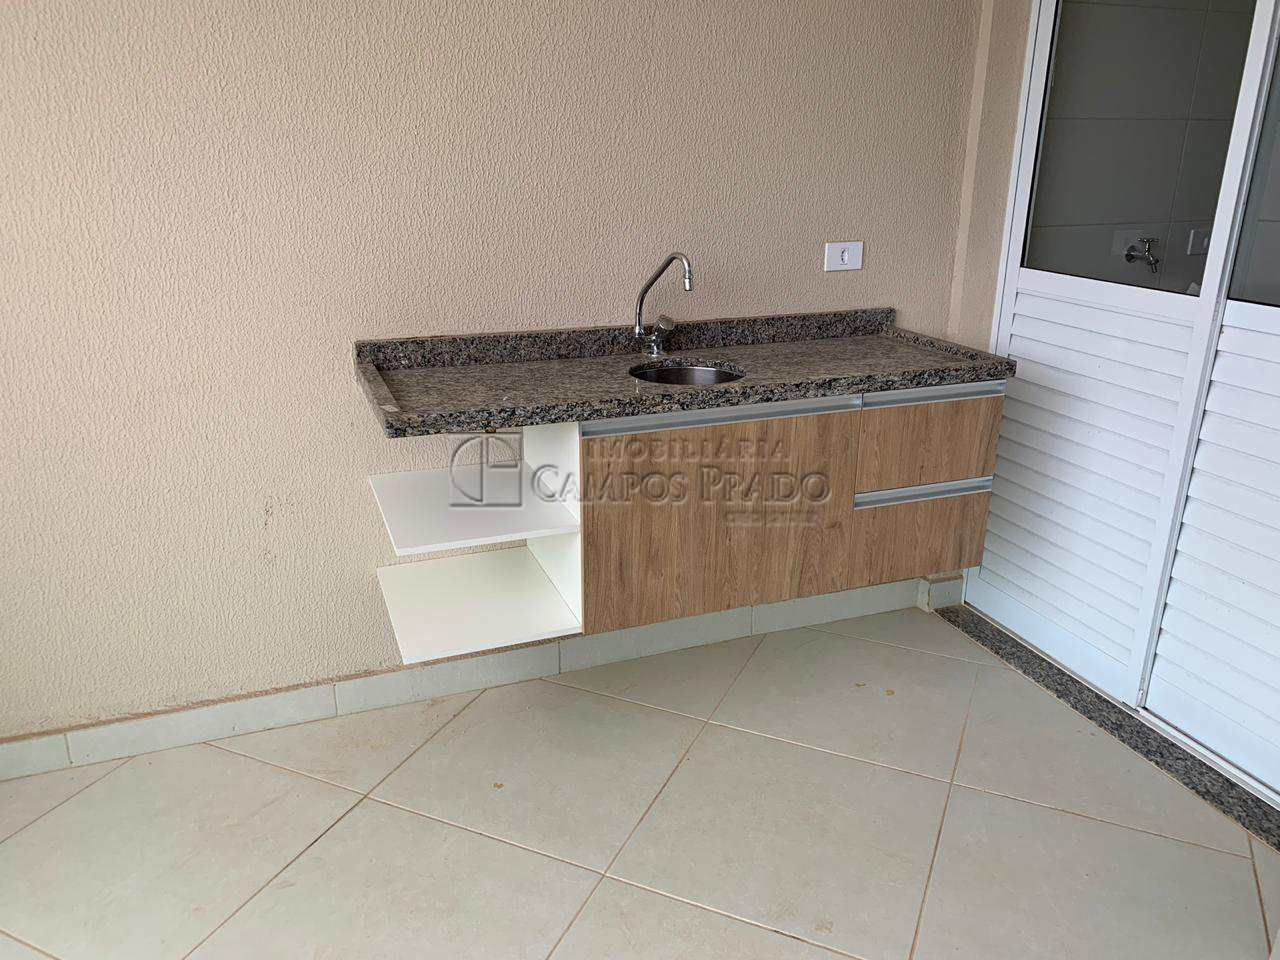 Apartamento com 3 dorms, Jardim Netinho Prado, Jaú, Cod: 47377